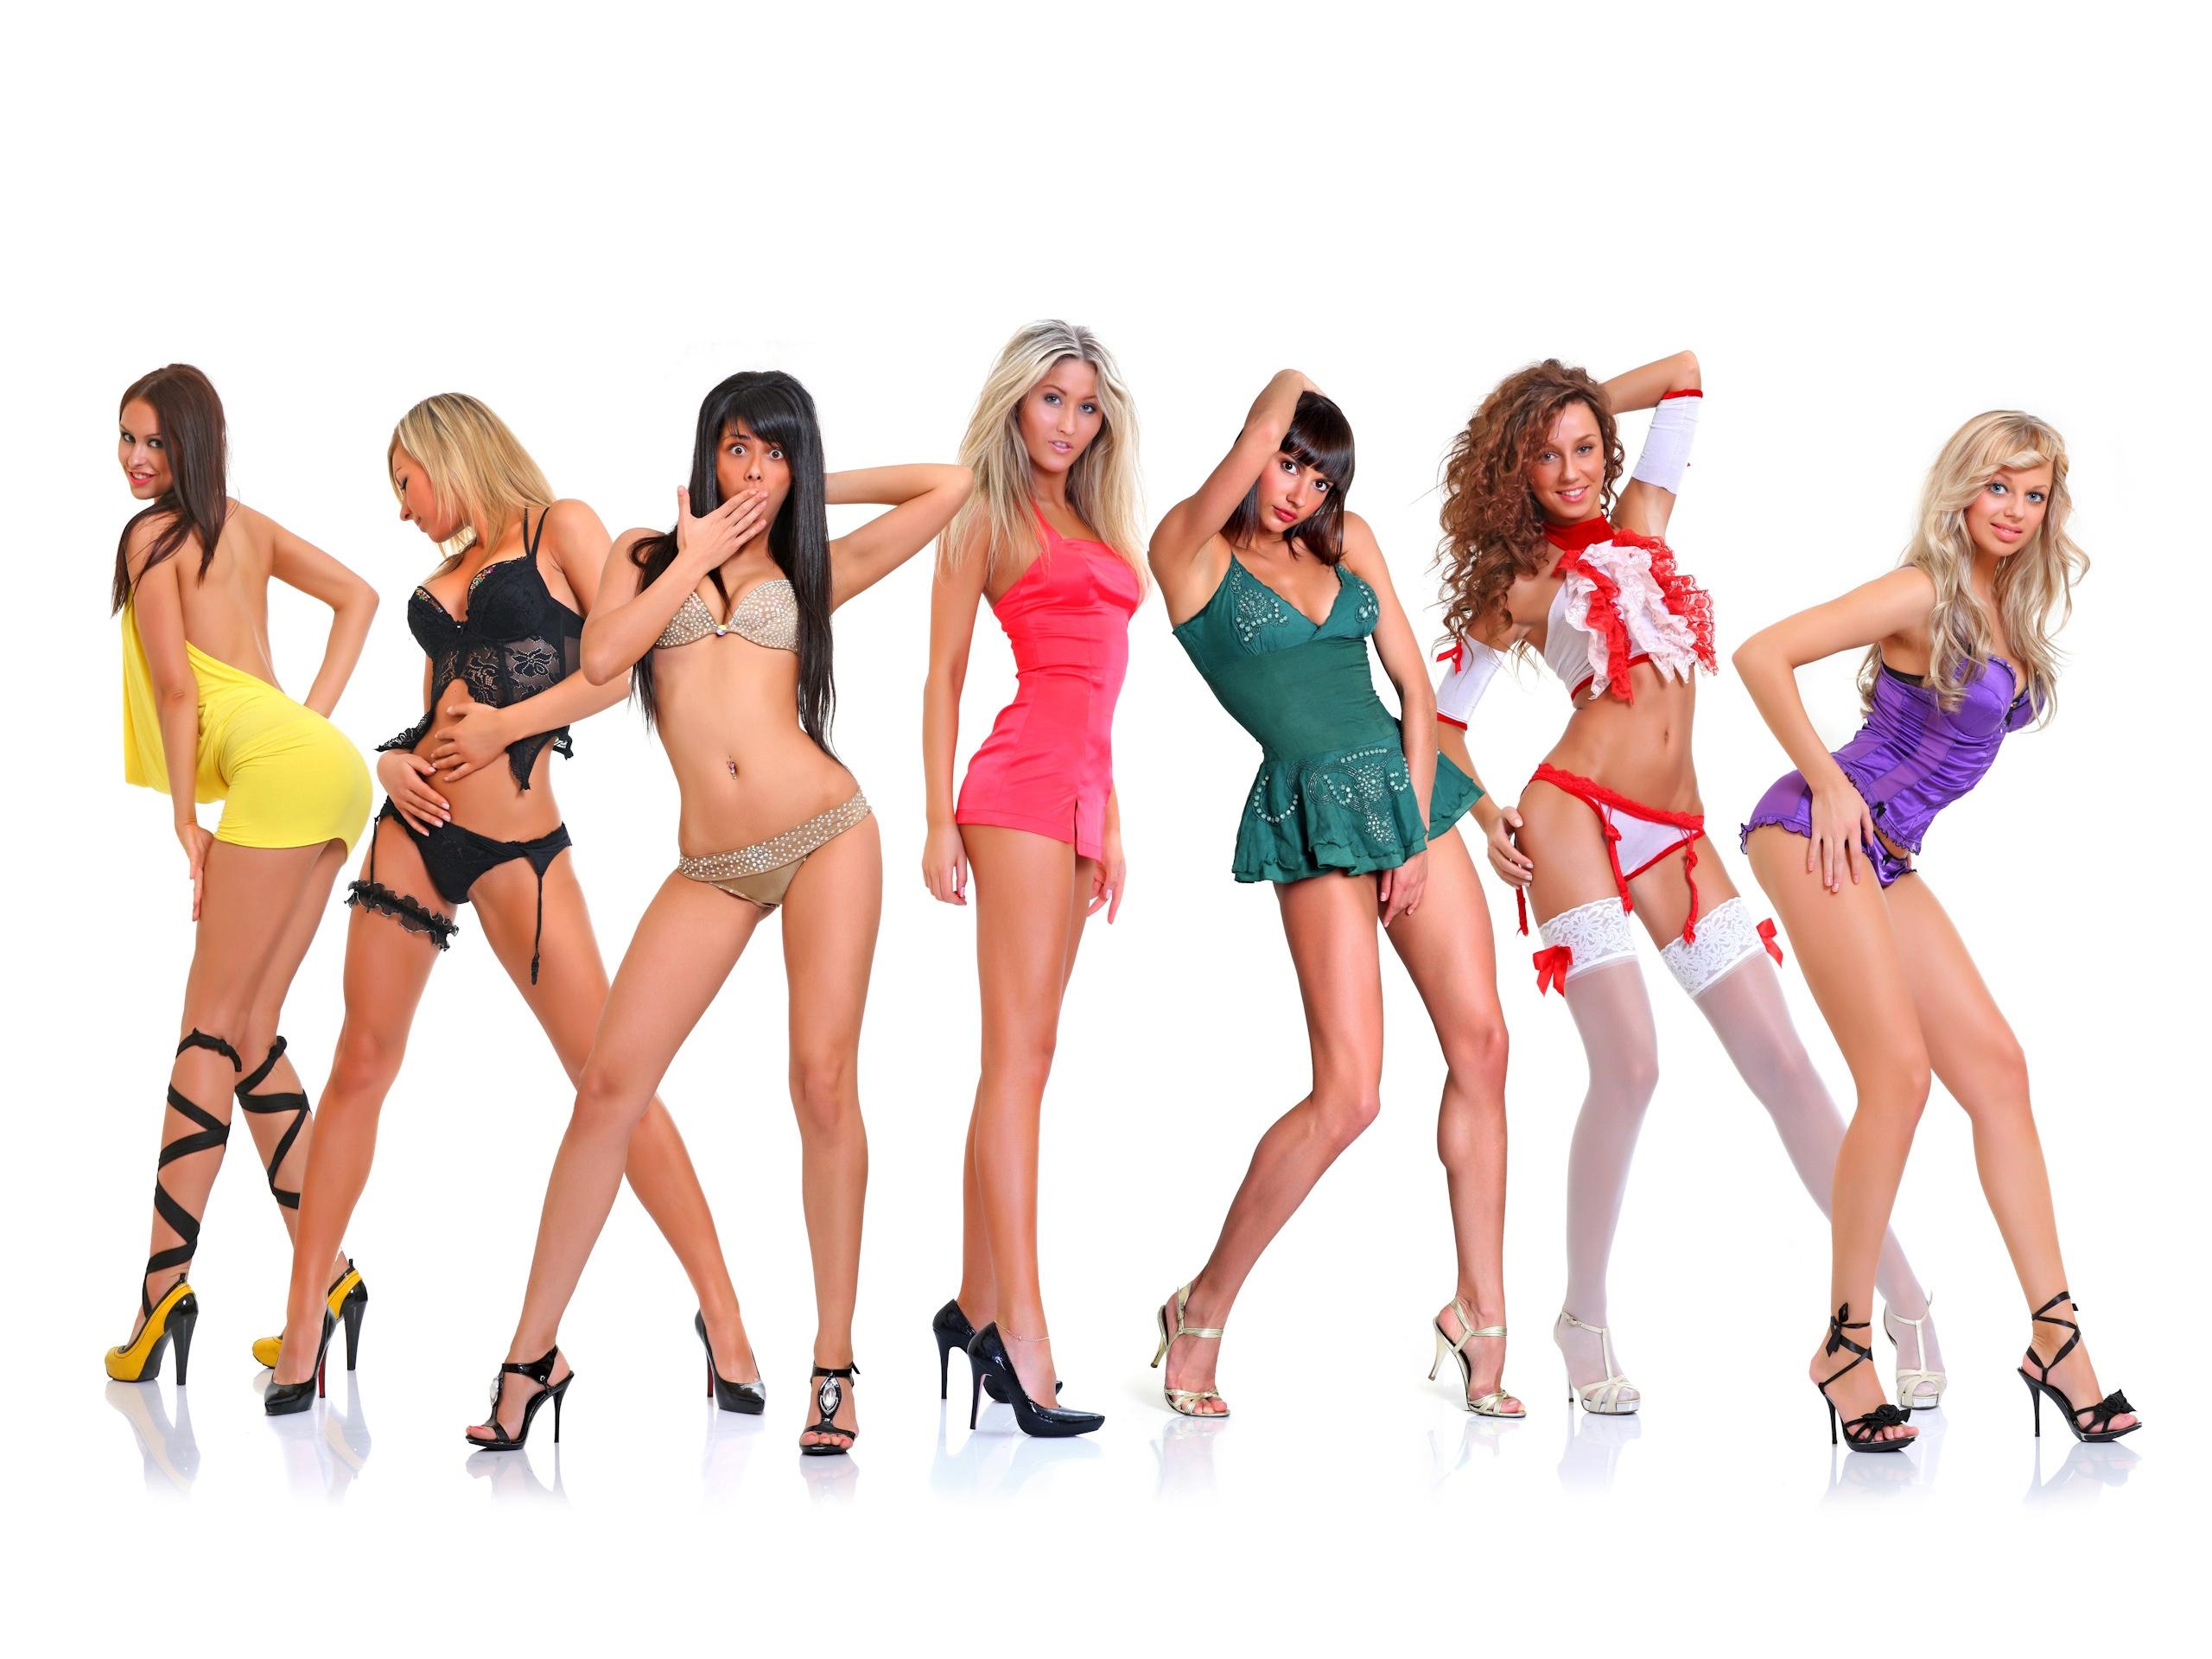 Много девушек в групповом порно 189